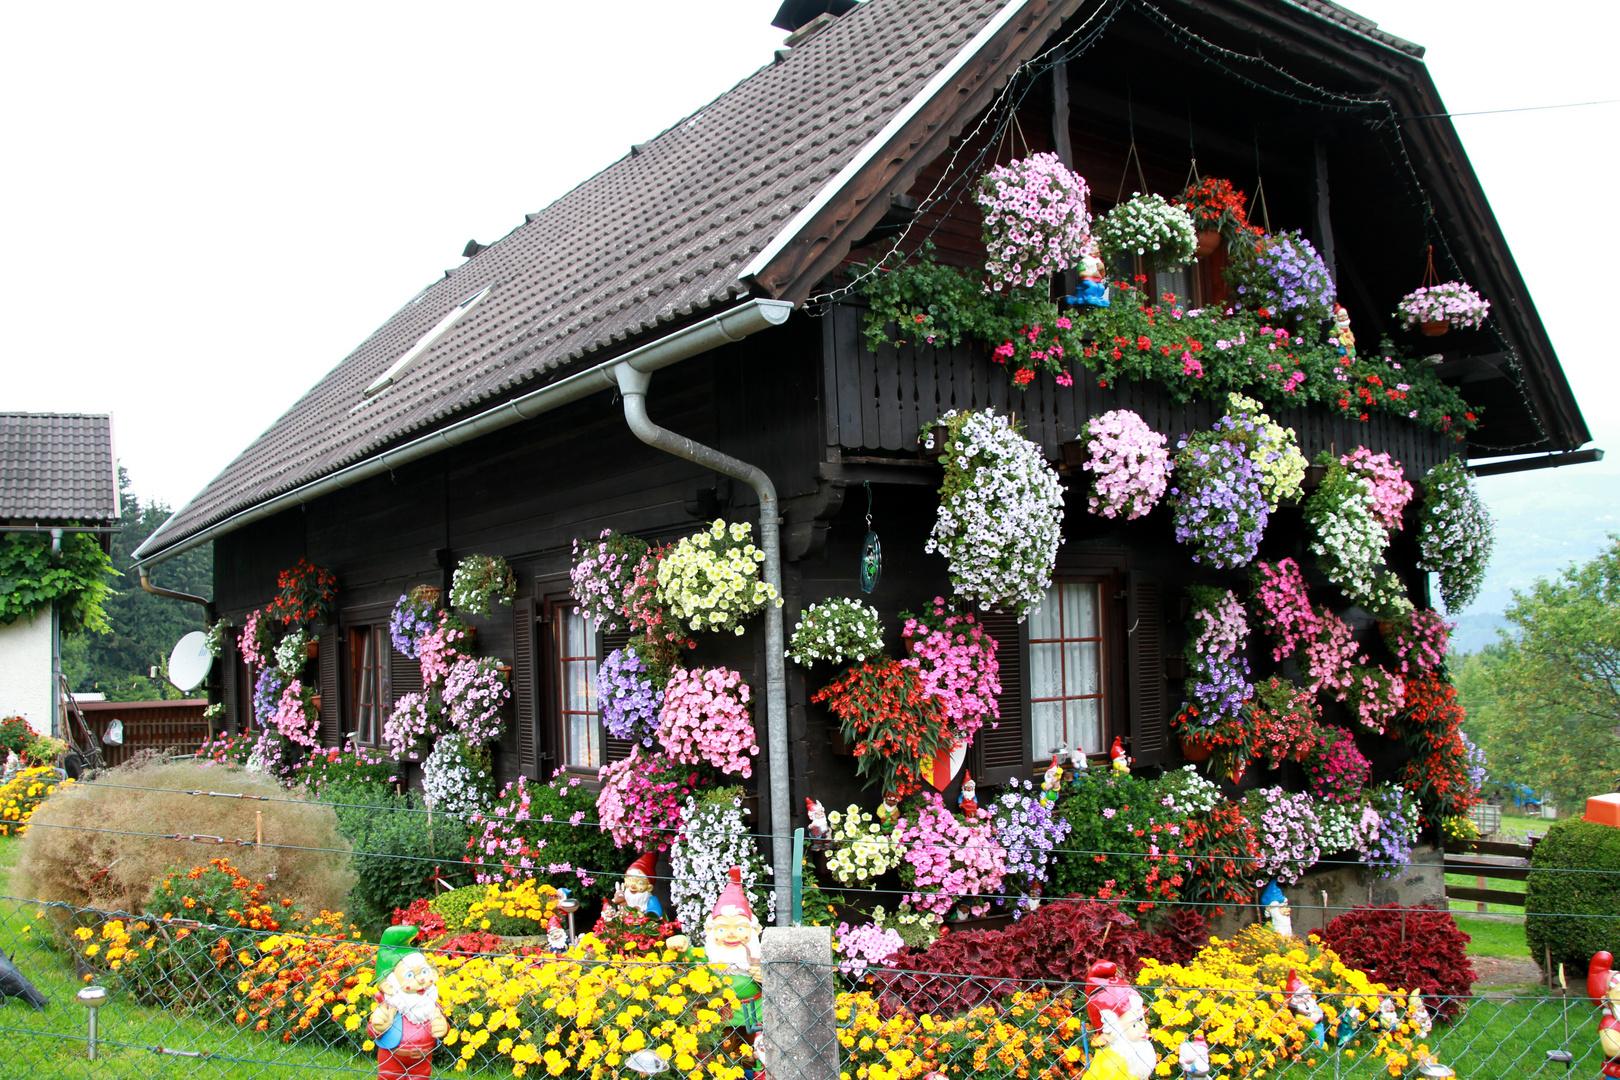 Blumenhaus in Österreich